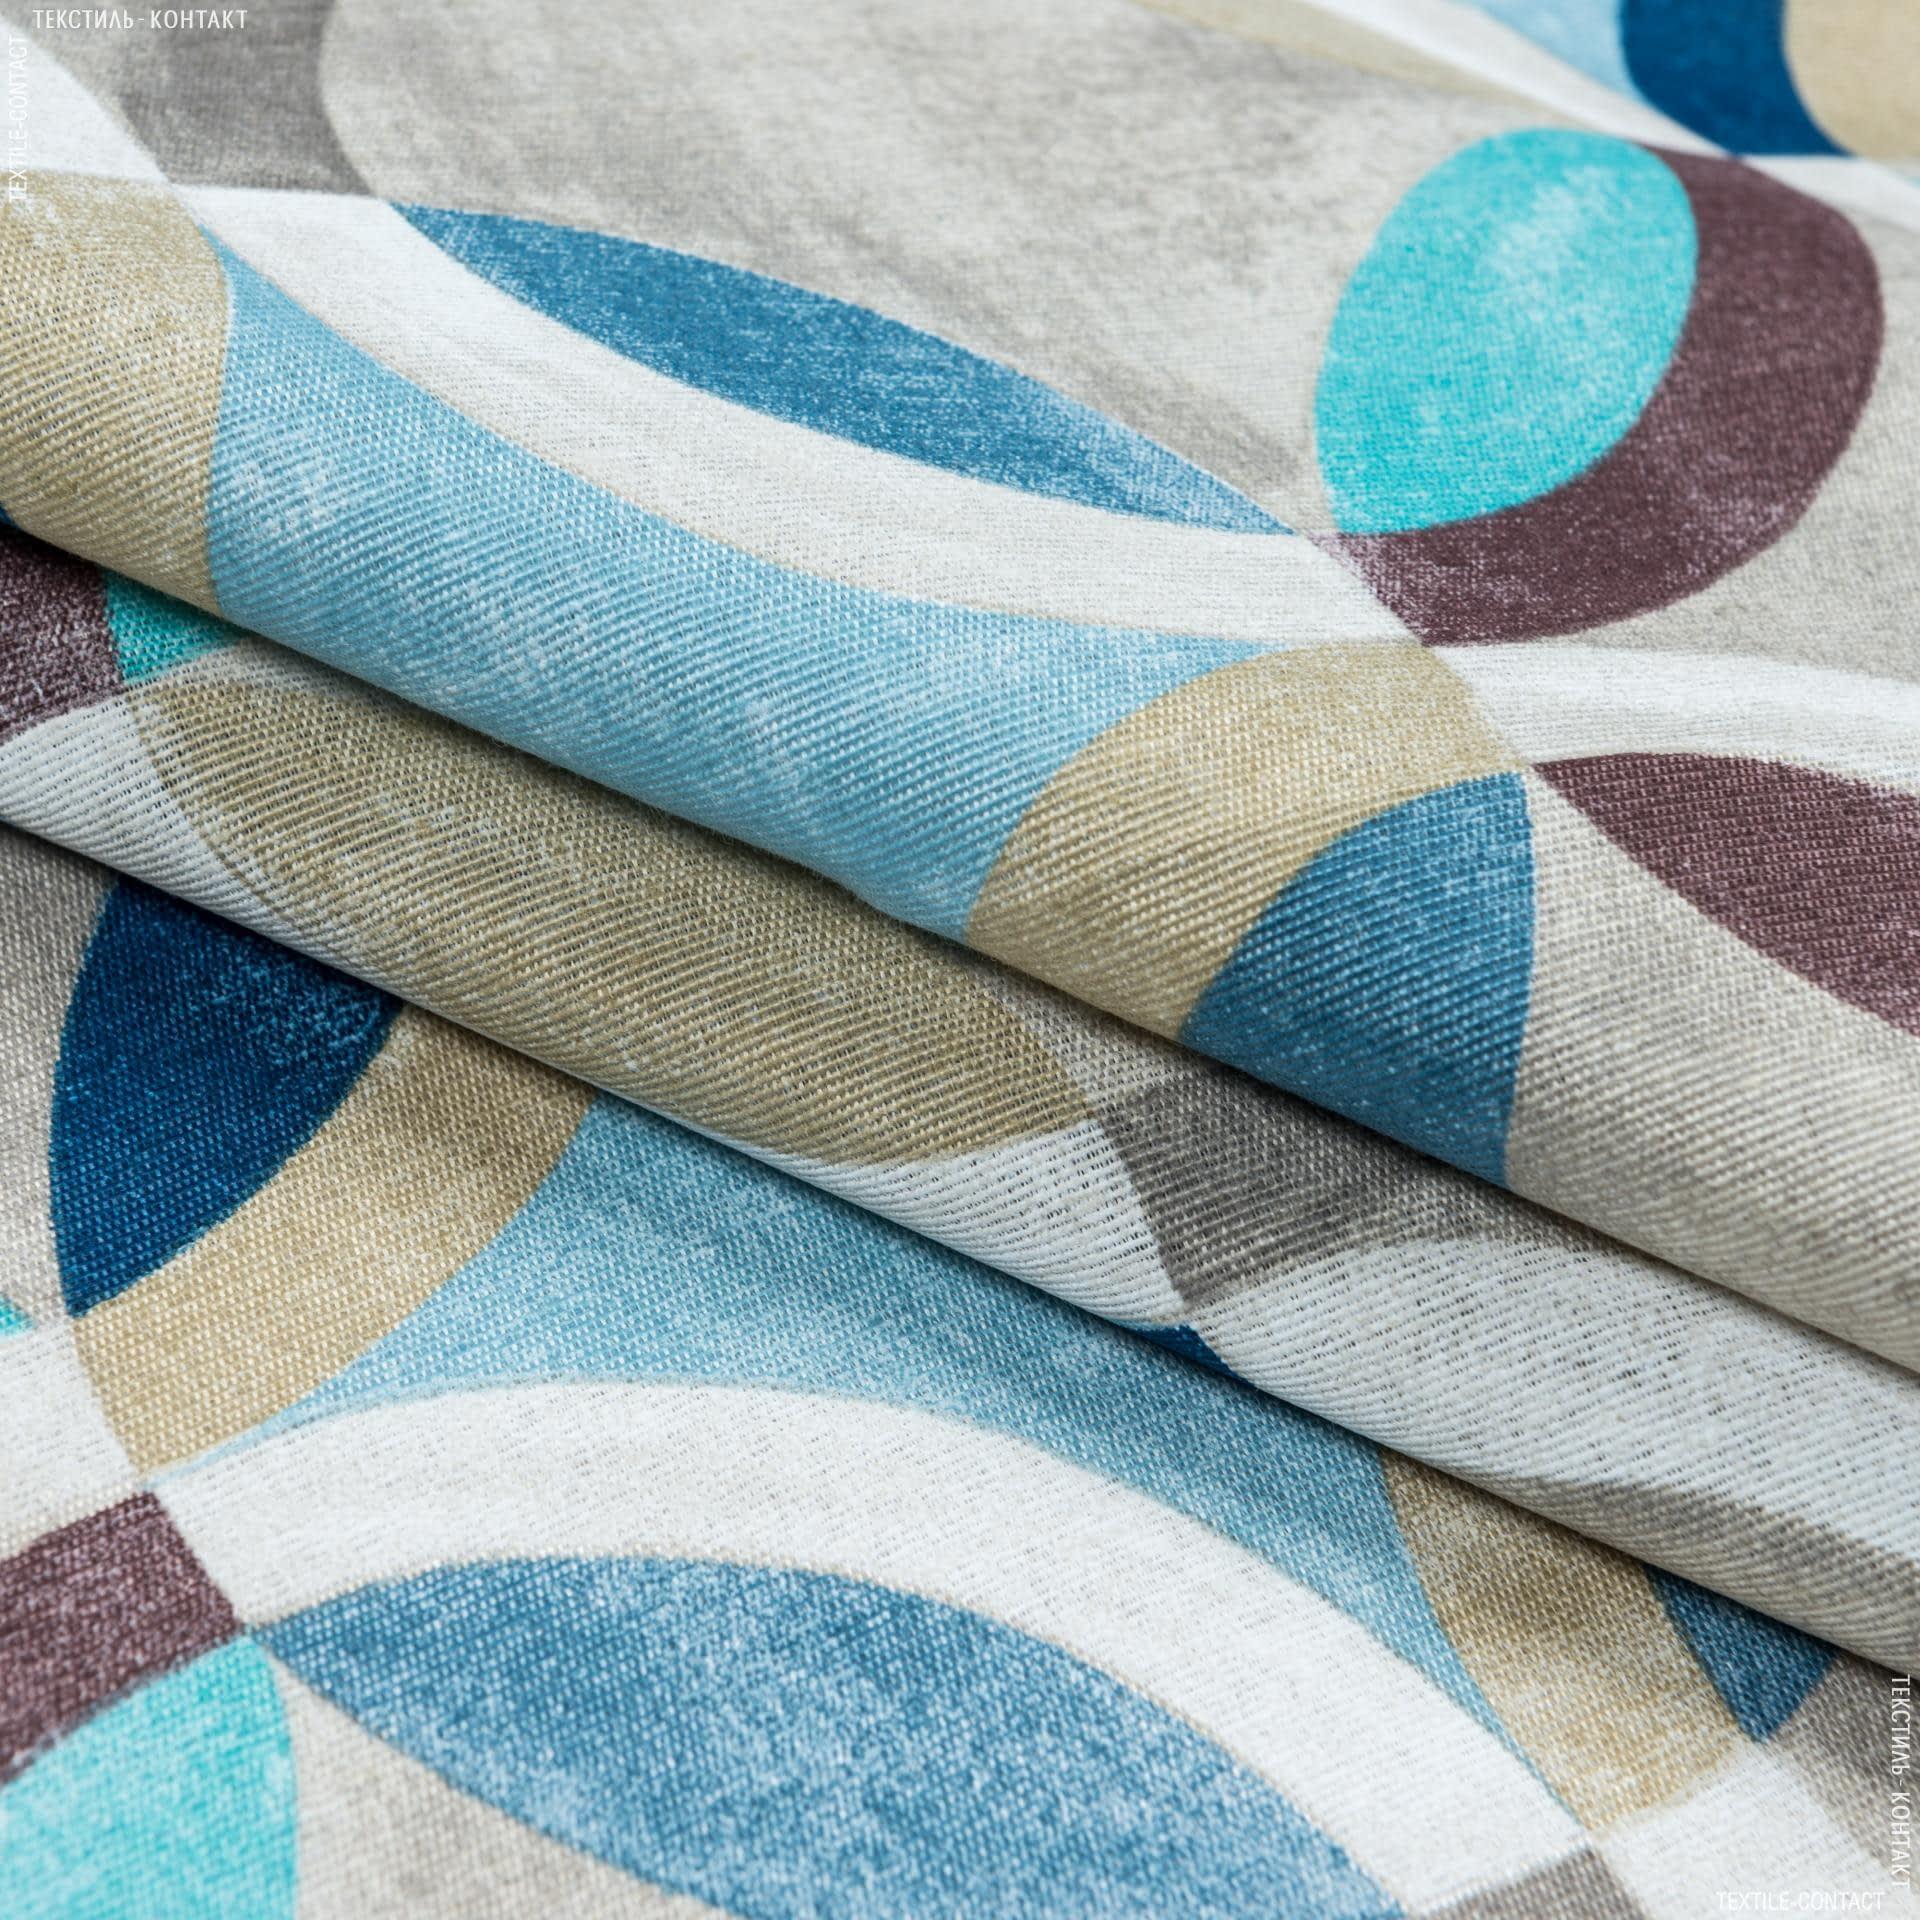 Тканини портьєрні тканини - Декоративна тканина Лонета рітмо/ritmo блакитний,синій